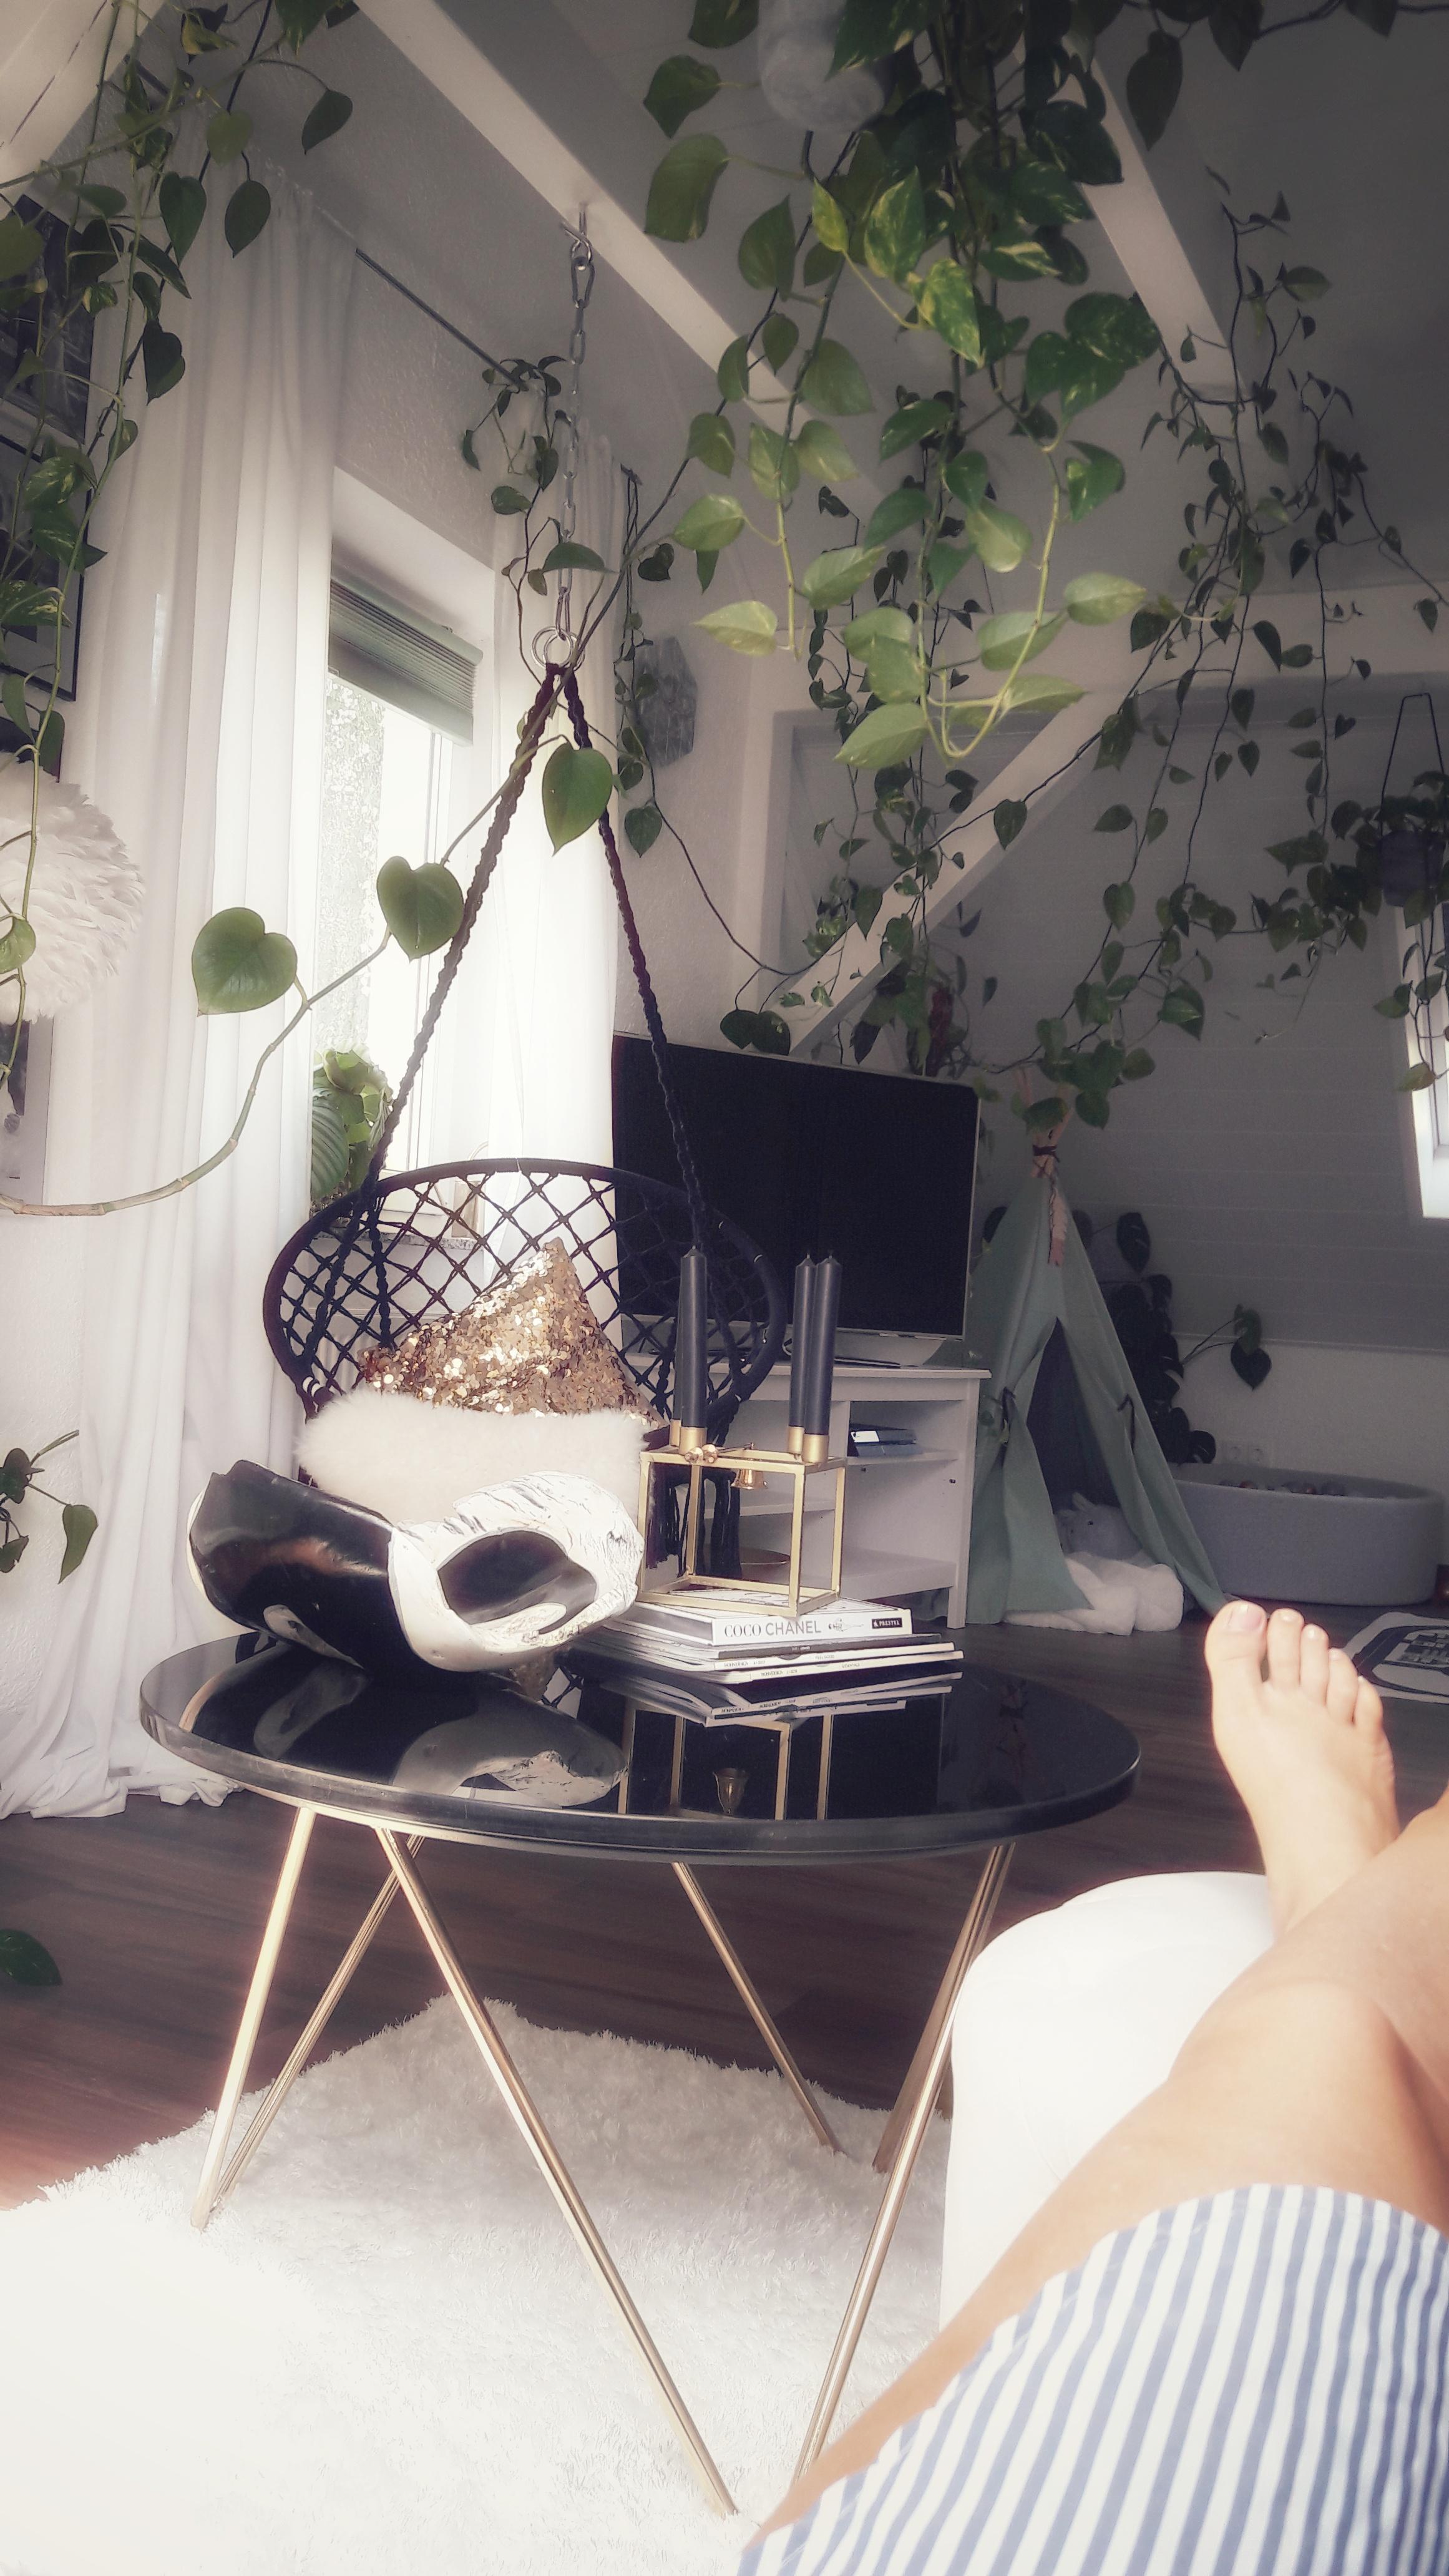 Marmor Tisch • Bilder & Ideen • COUCH